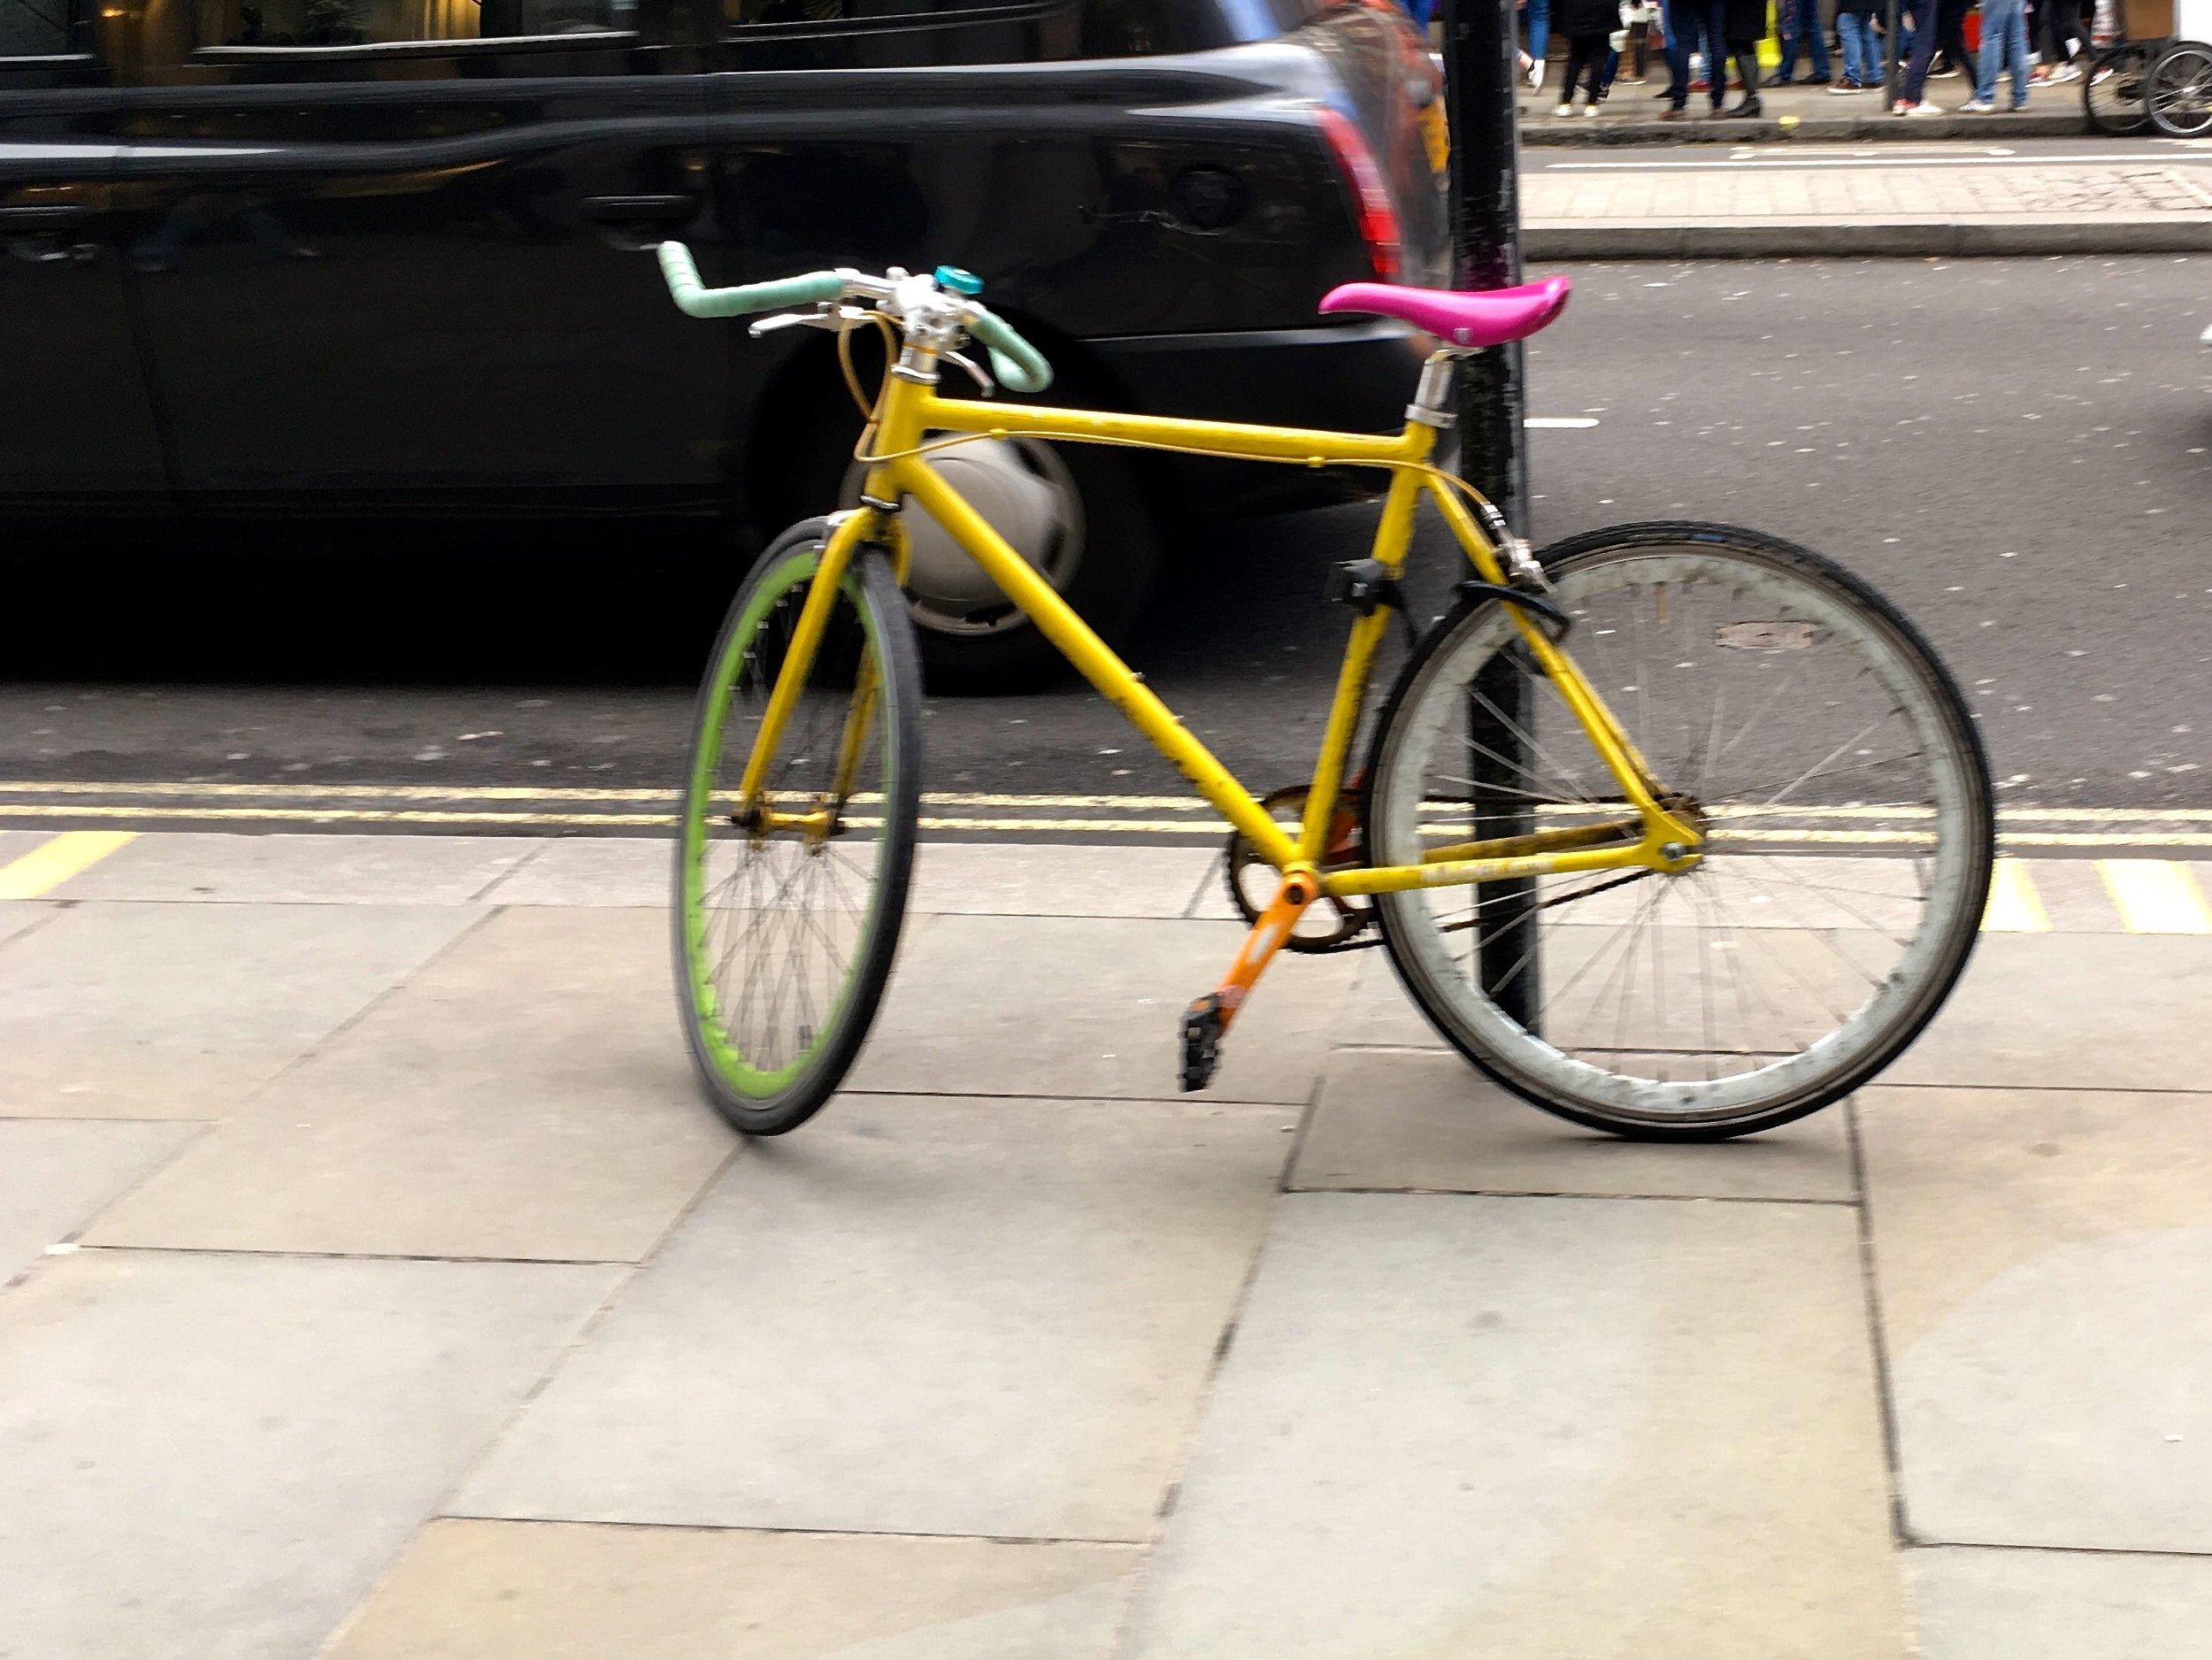 A colourful push bike too